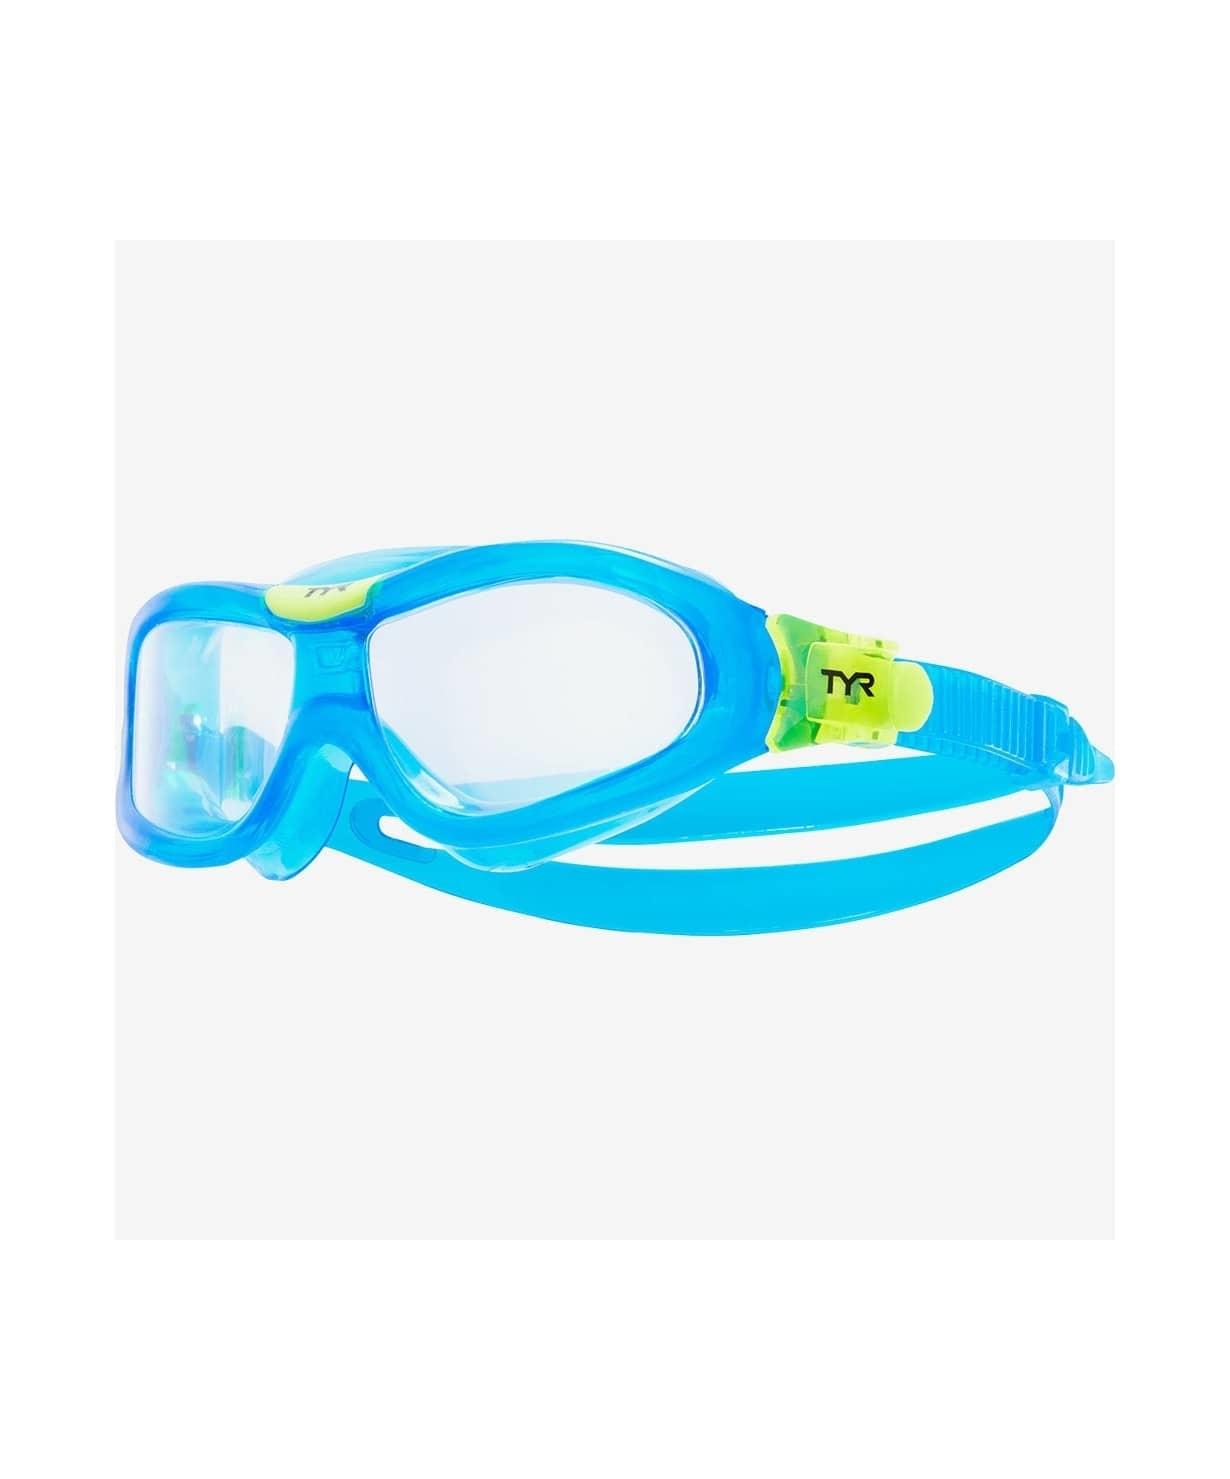 Маска для плавания Orion Swim Mask Kids, LGORNK/105, голубой